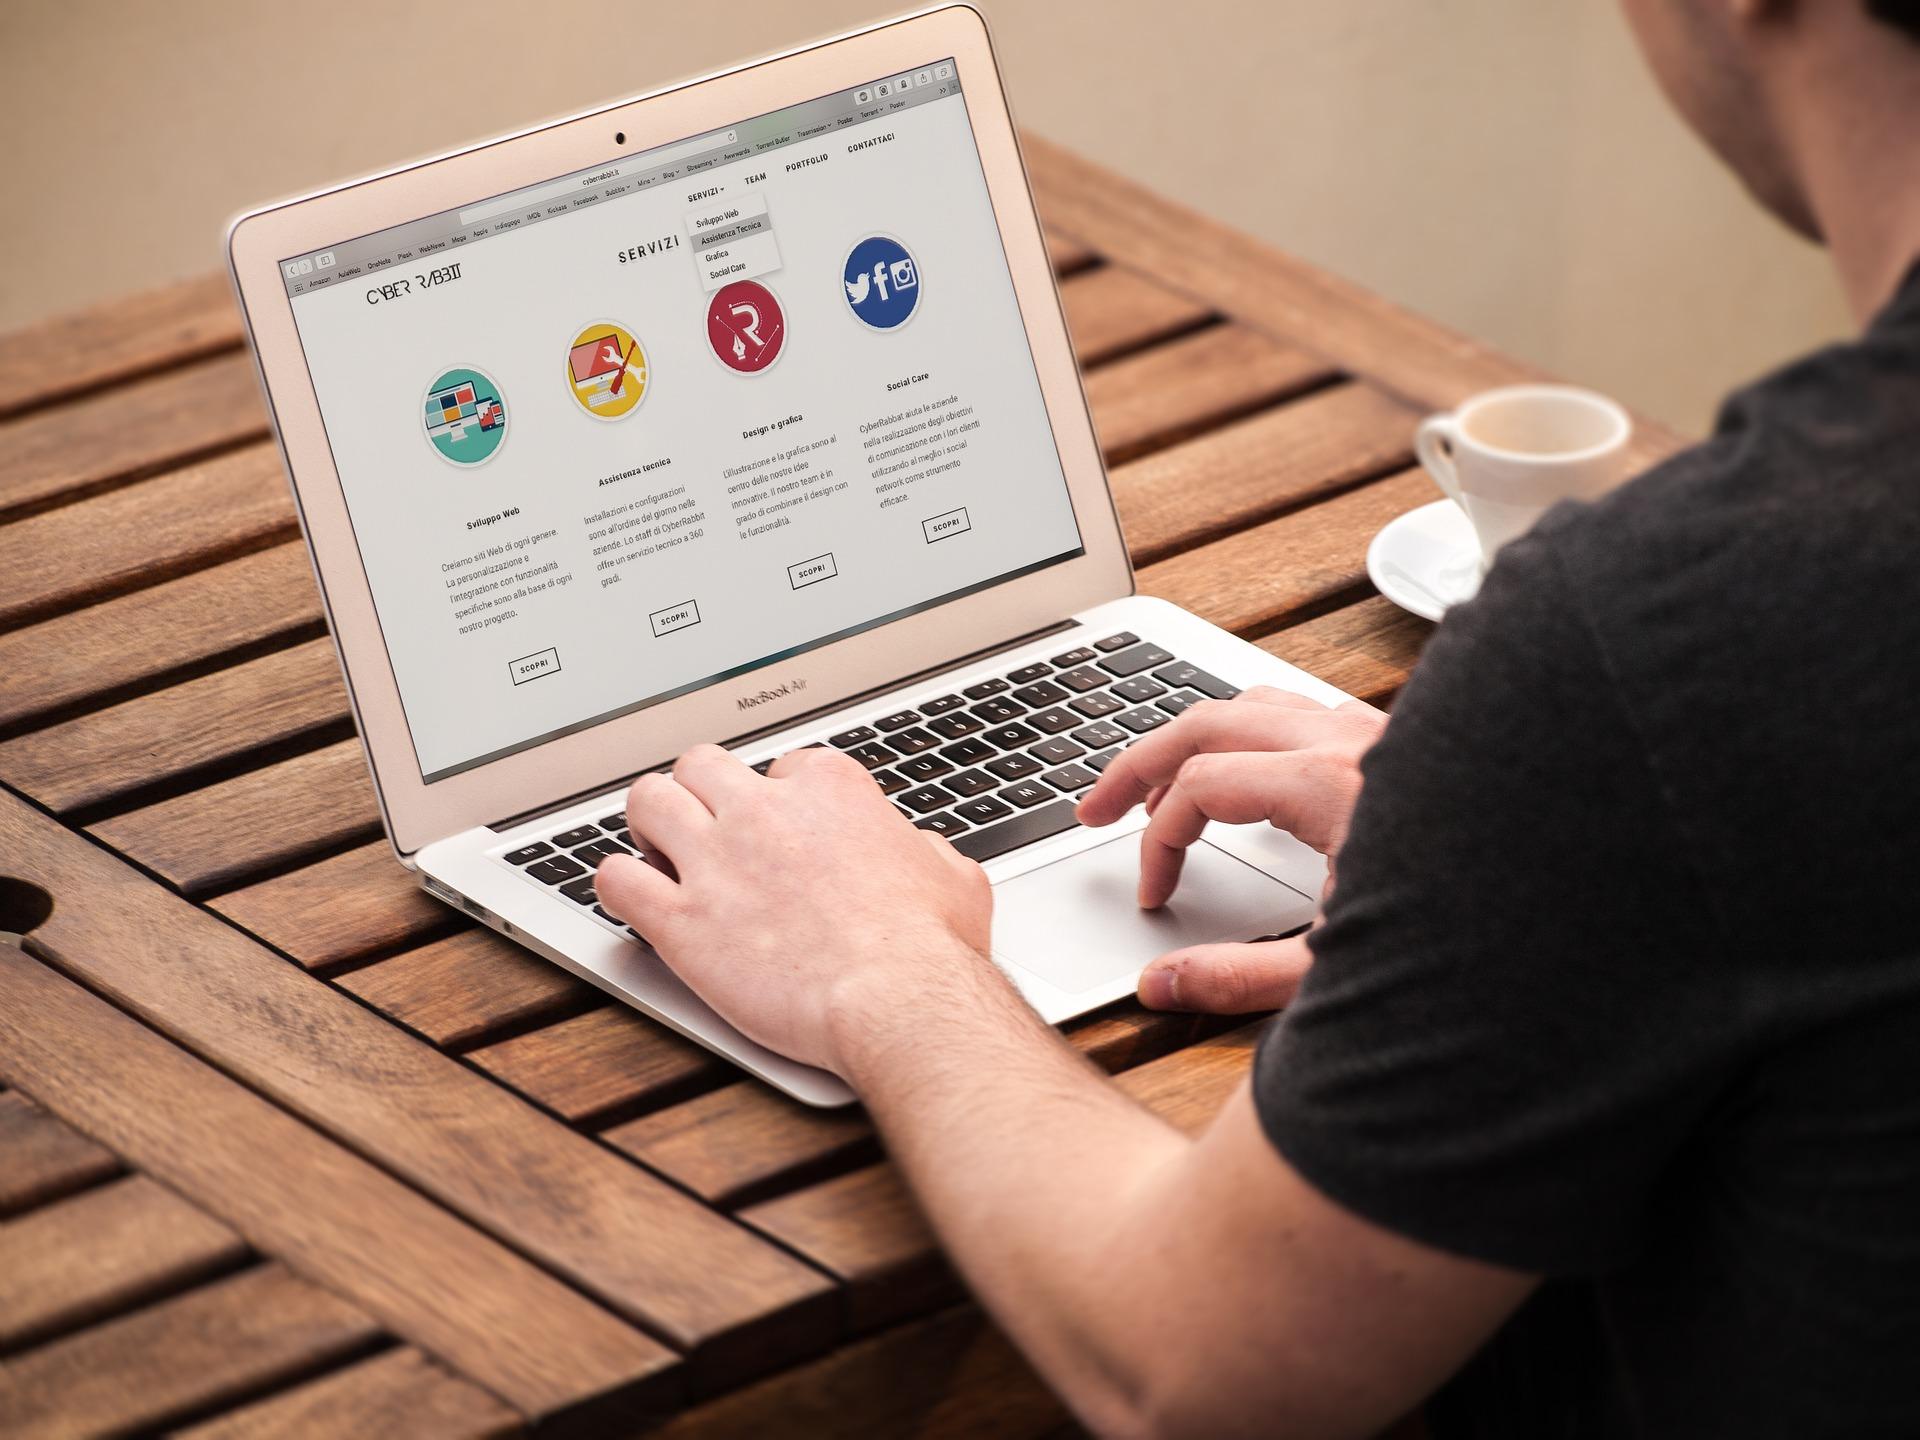 pravila-effektivnogo-dizajna-sozdat-xoroshij-sajt